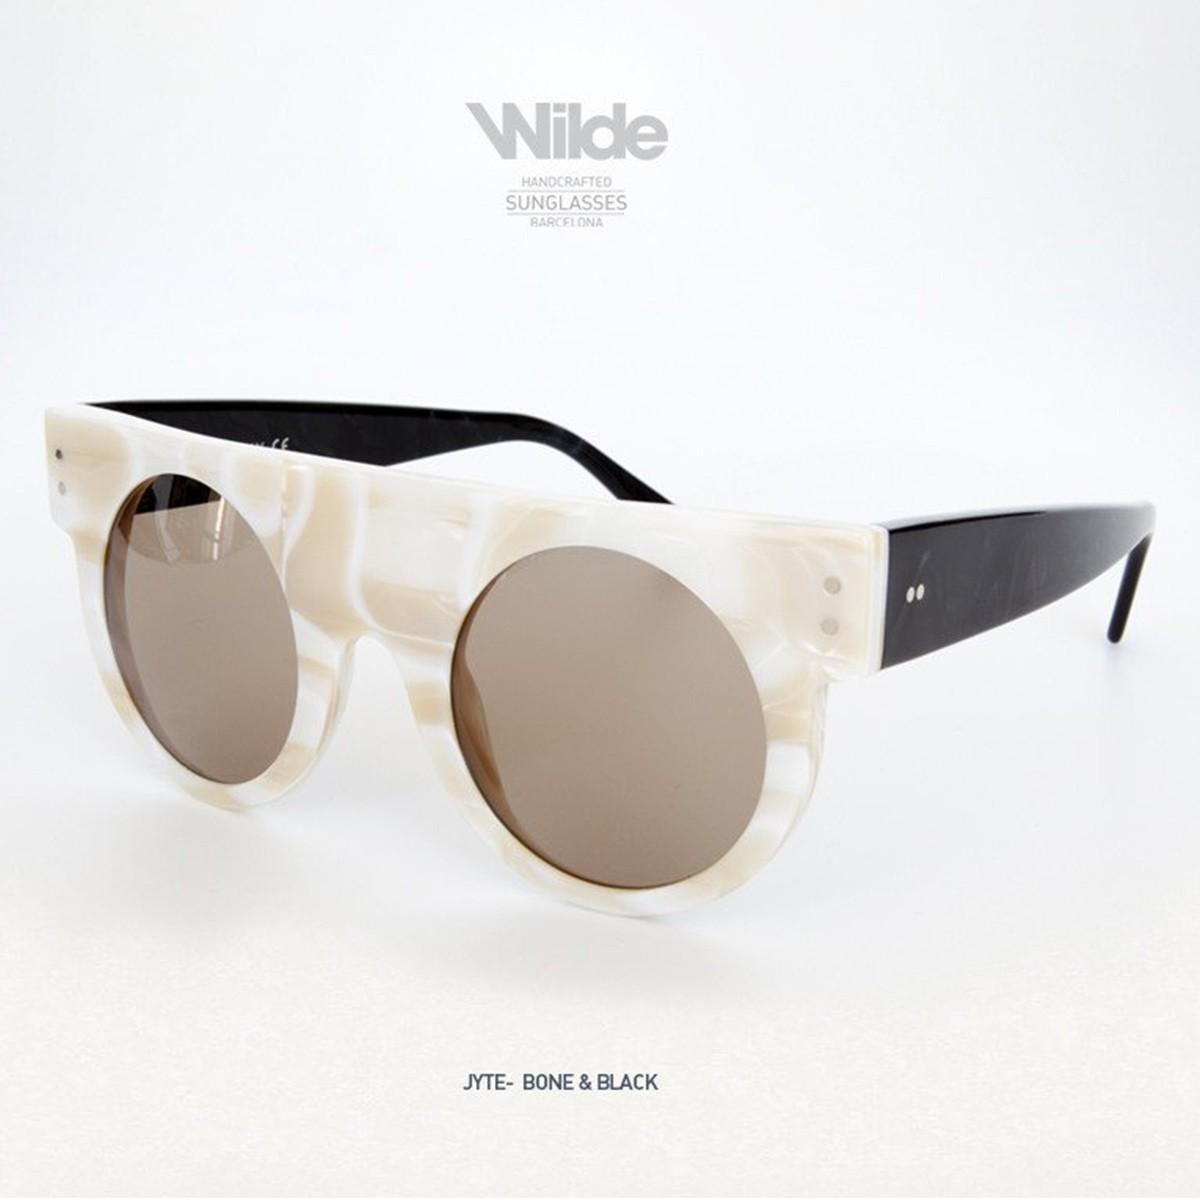 サングラス レディース メンズ Wilde SUNGLASSES ワイルドサングラス JYTE ホワイト BONE&BLACK 送料無料